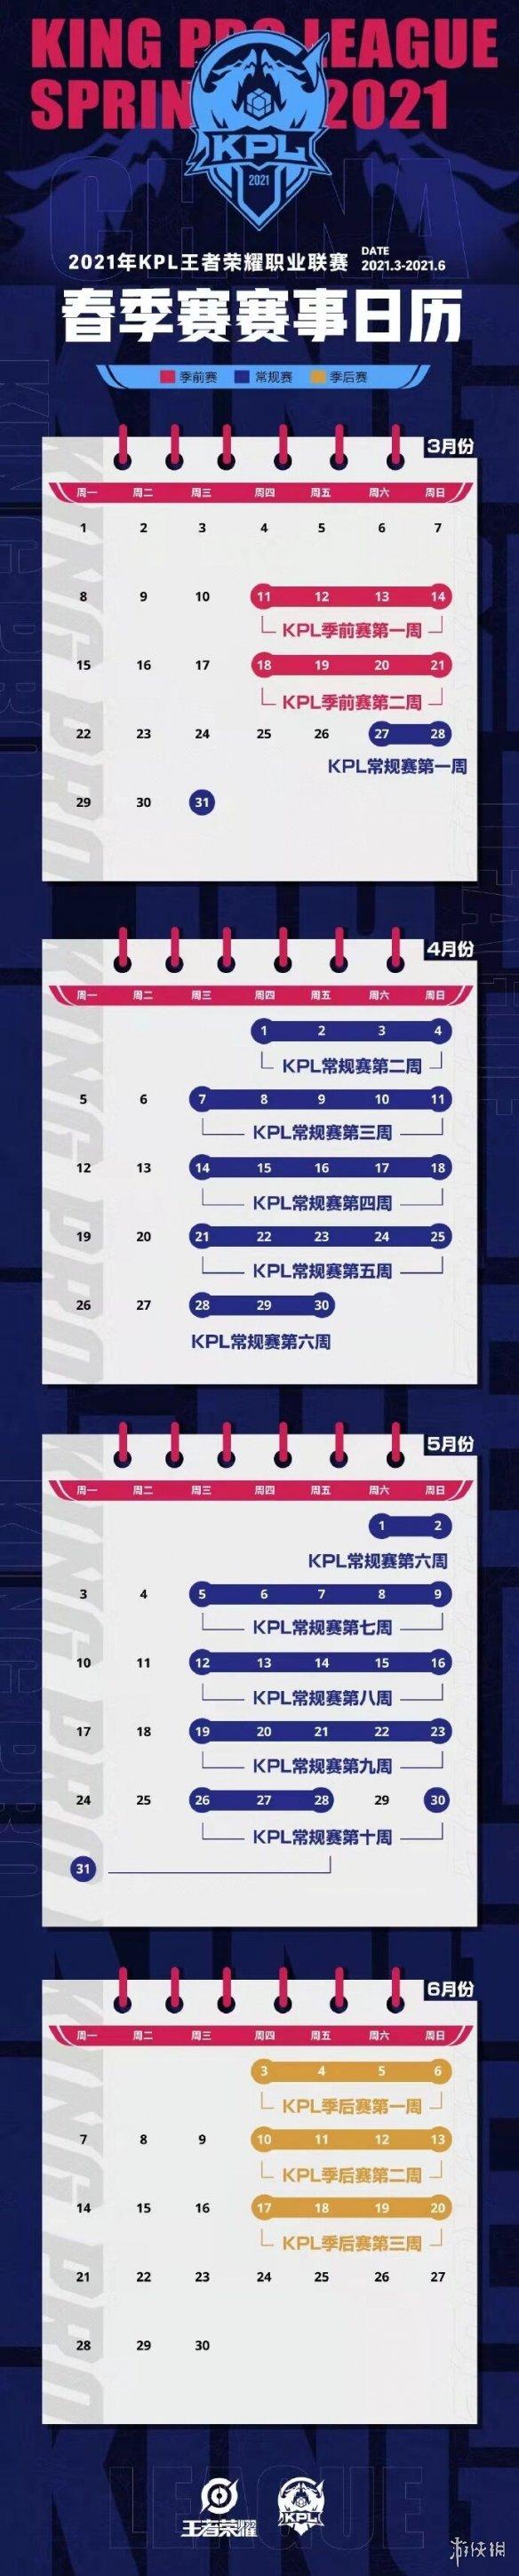 2021kpl春季赛赛程安排是什么 《王者荣耀》2021春季赛赛程安排介绍